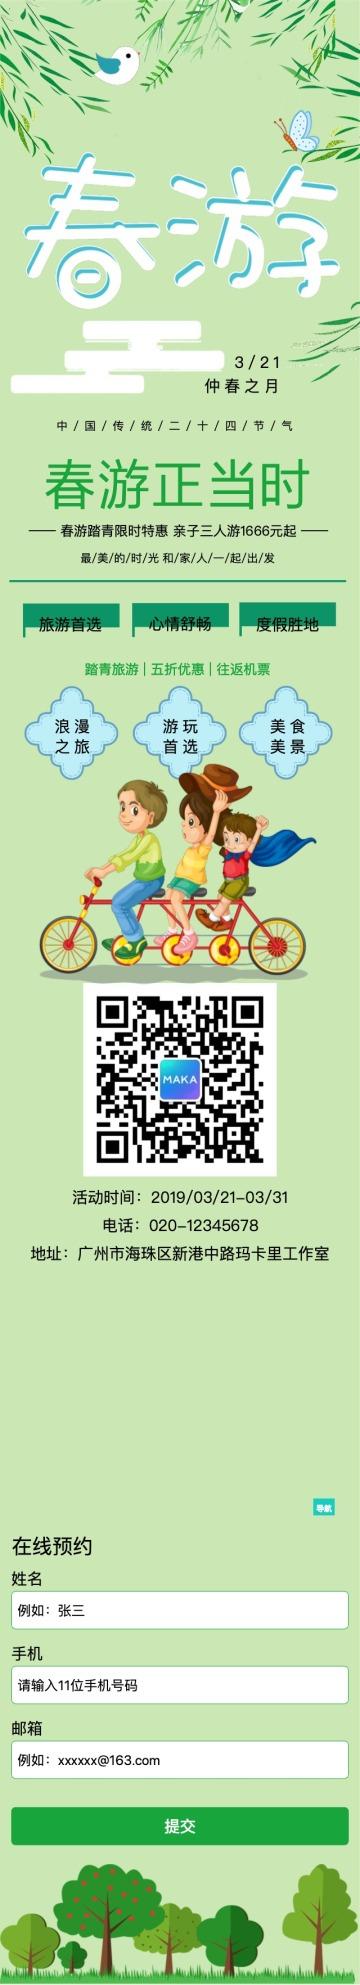 清新文艺3.21春分春游促销活动单页宣传推广